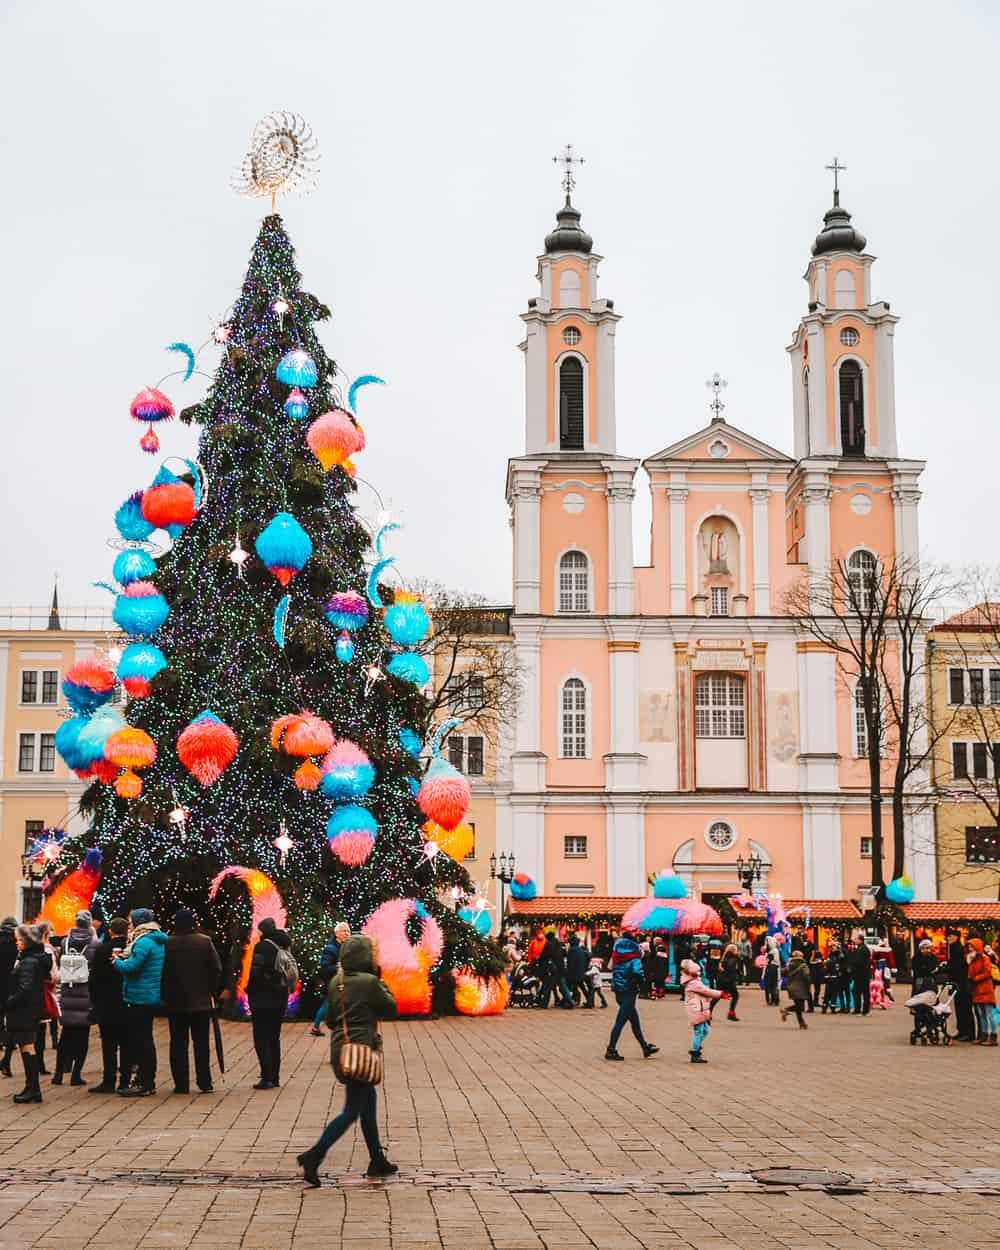 Kaunas Town Hall | Kaunas Christmas Tree | Things to do in Kaunas